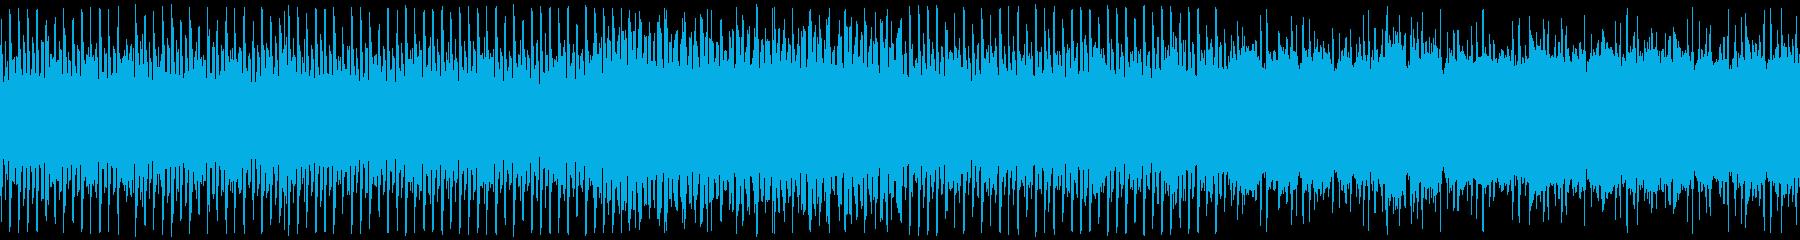 浮遊感のある明るいチップチューンの再生済みの波形